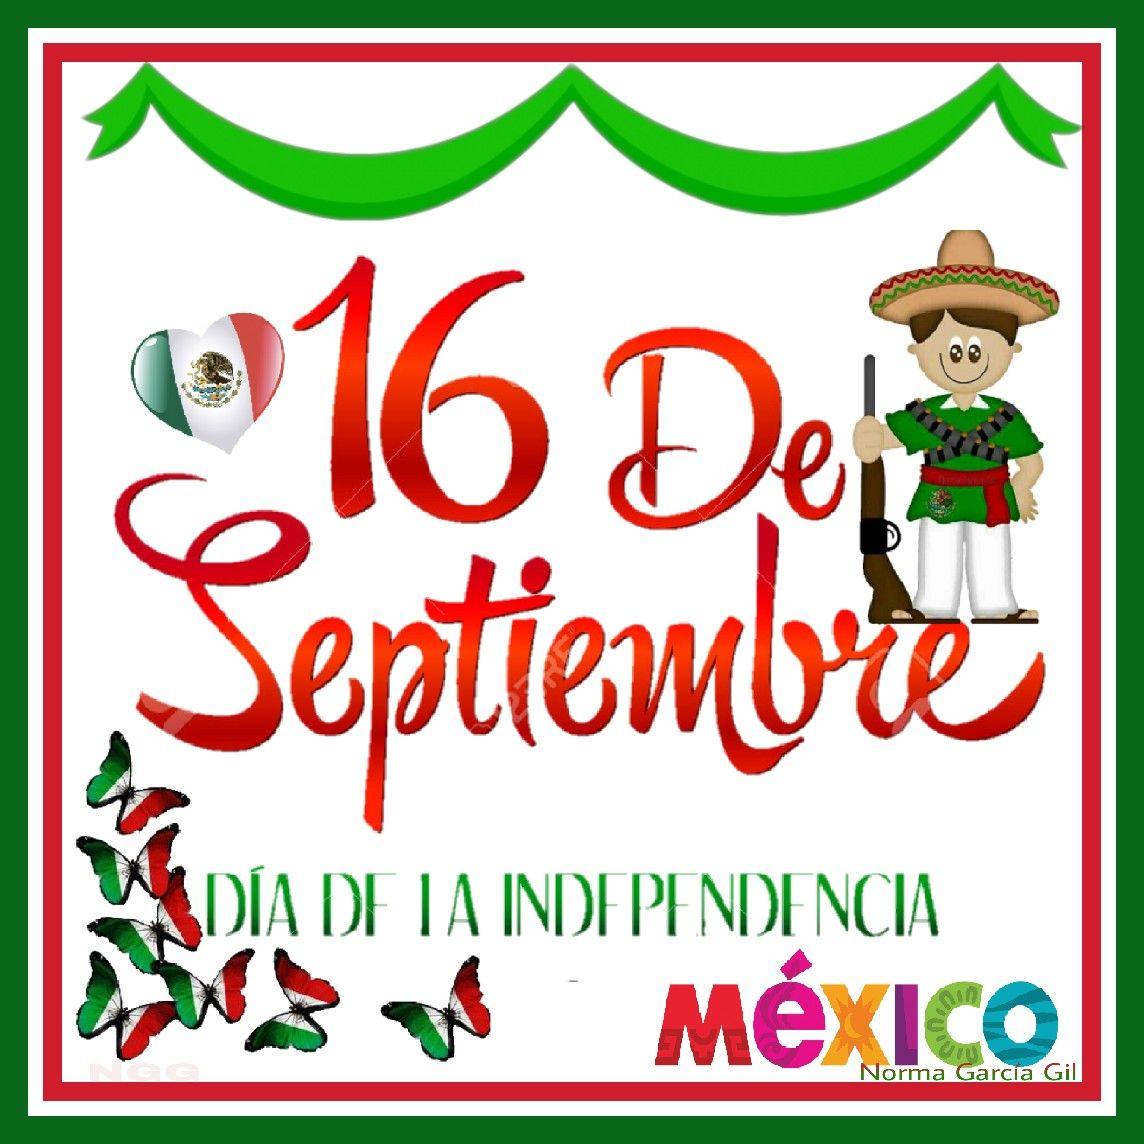 Viva Mexico 16 De Septiembre Dia De La Independencia